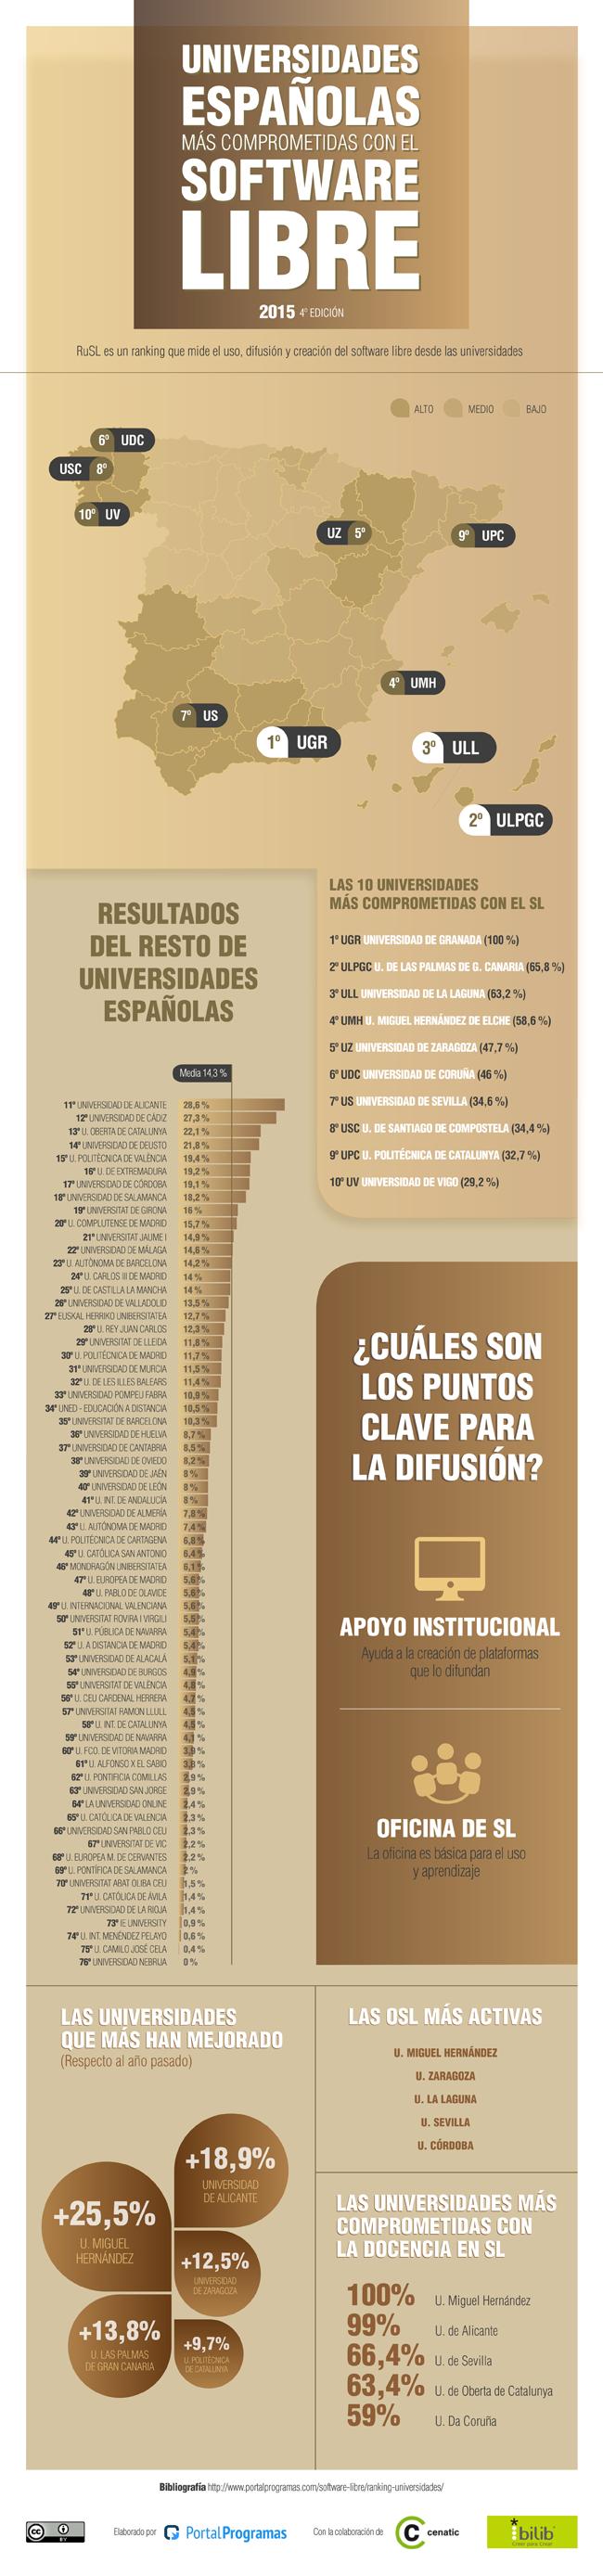 Las universidades españolas que más apoyan el Software Libre en 2015 - Infografía